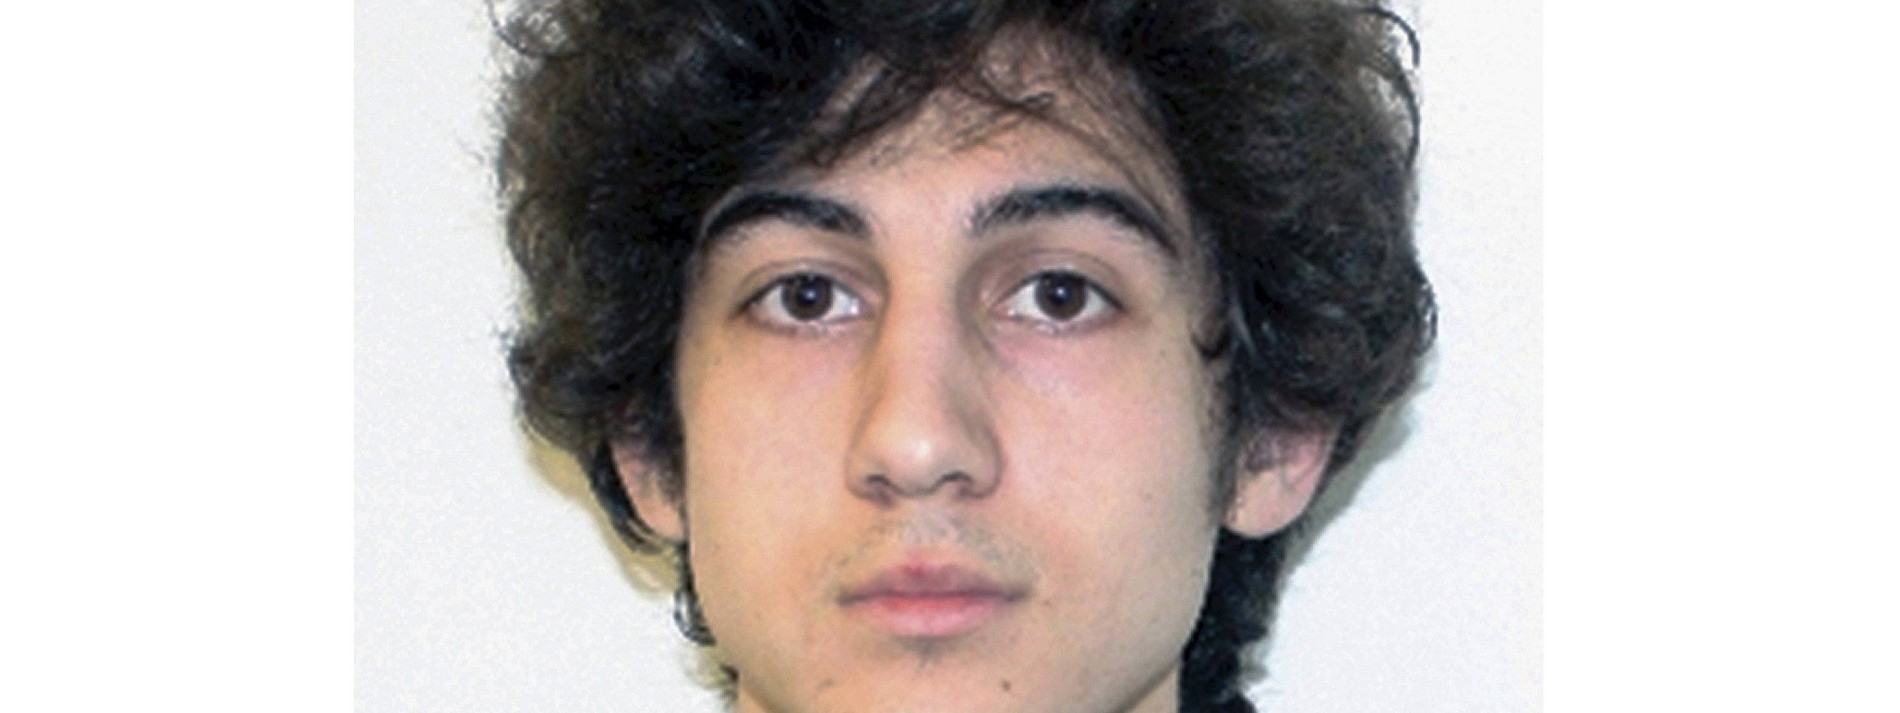 Todesurteil gegen Boston-Attentäter aufgehoben